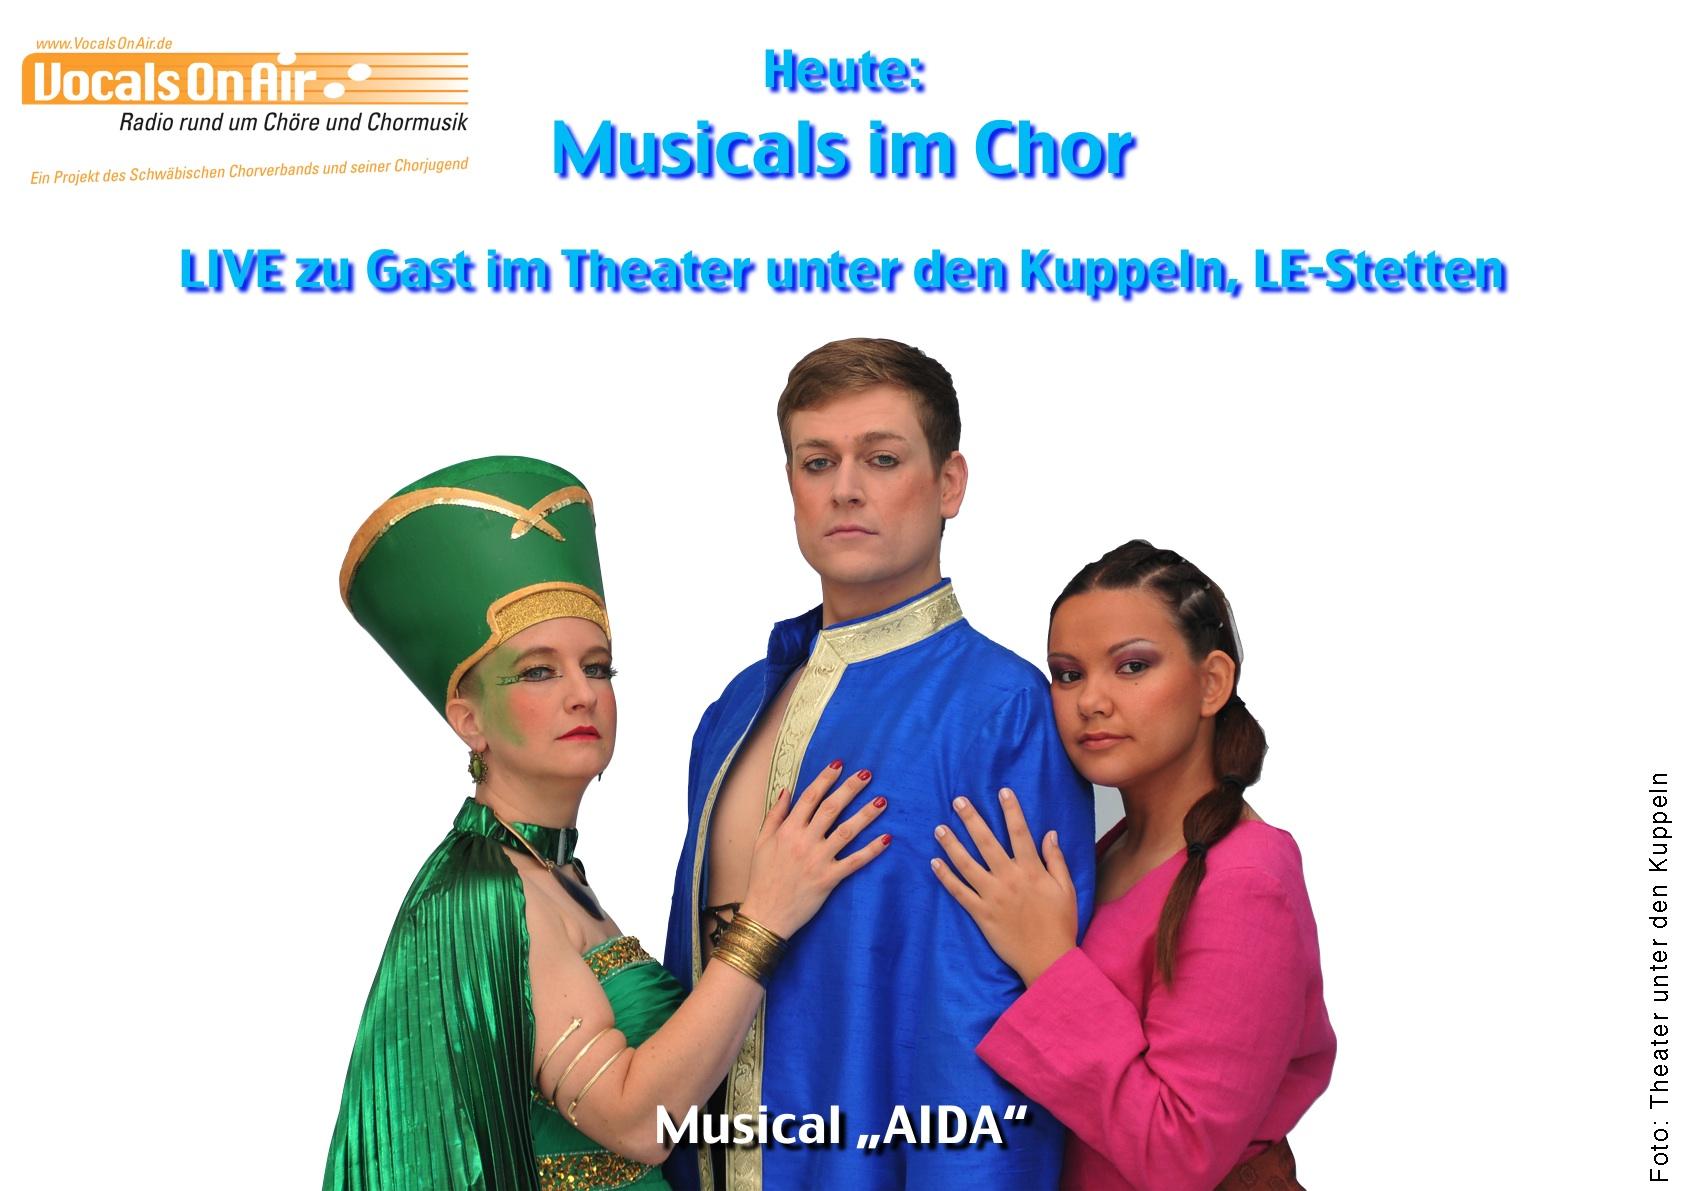 Musicals im Chor – Folge 2: Vocals On Air zu Gast im Theater unter den Kuppeln